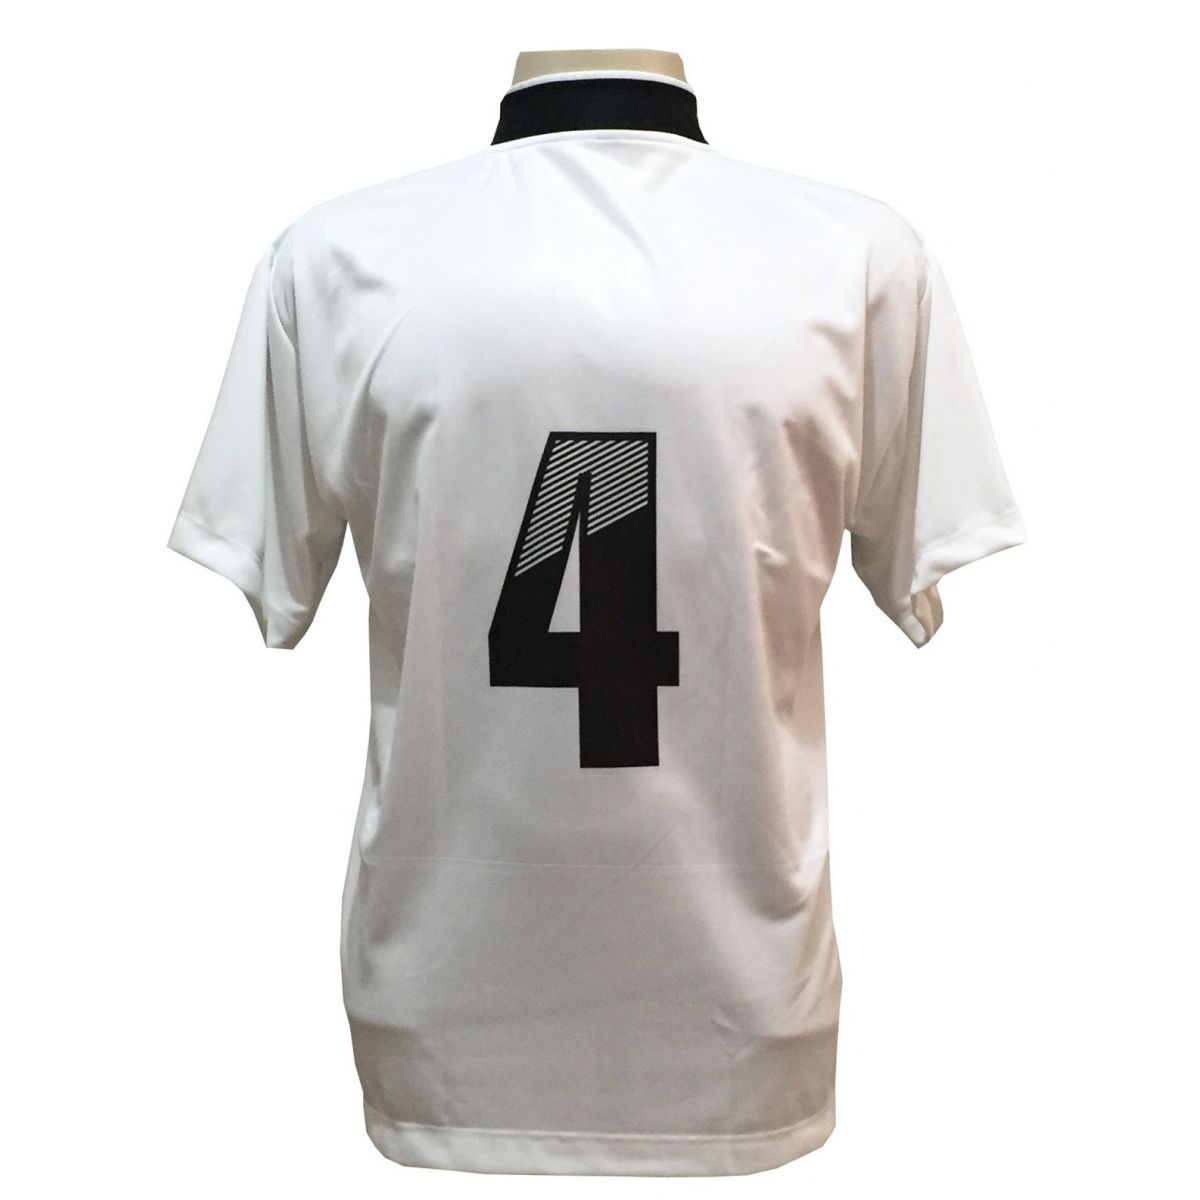 Uniforme Esportivo com 14 Camisas modelo Suécia Branco/Preto + 14 Calções modelo Madrid Preto   - ESTAÇÃO DO ESPORTE